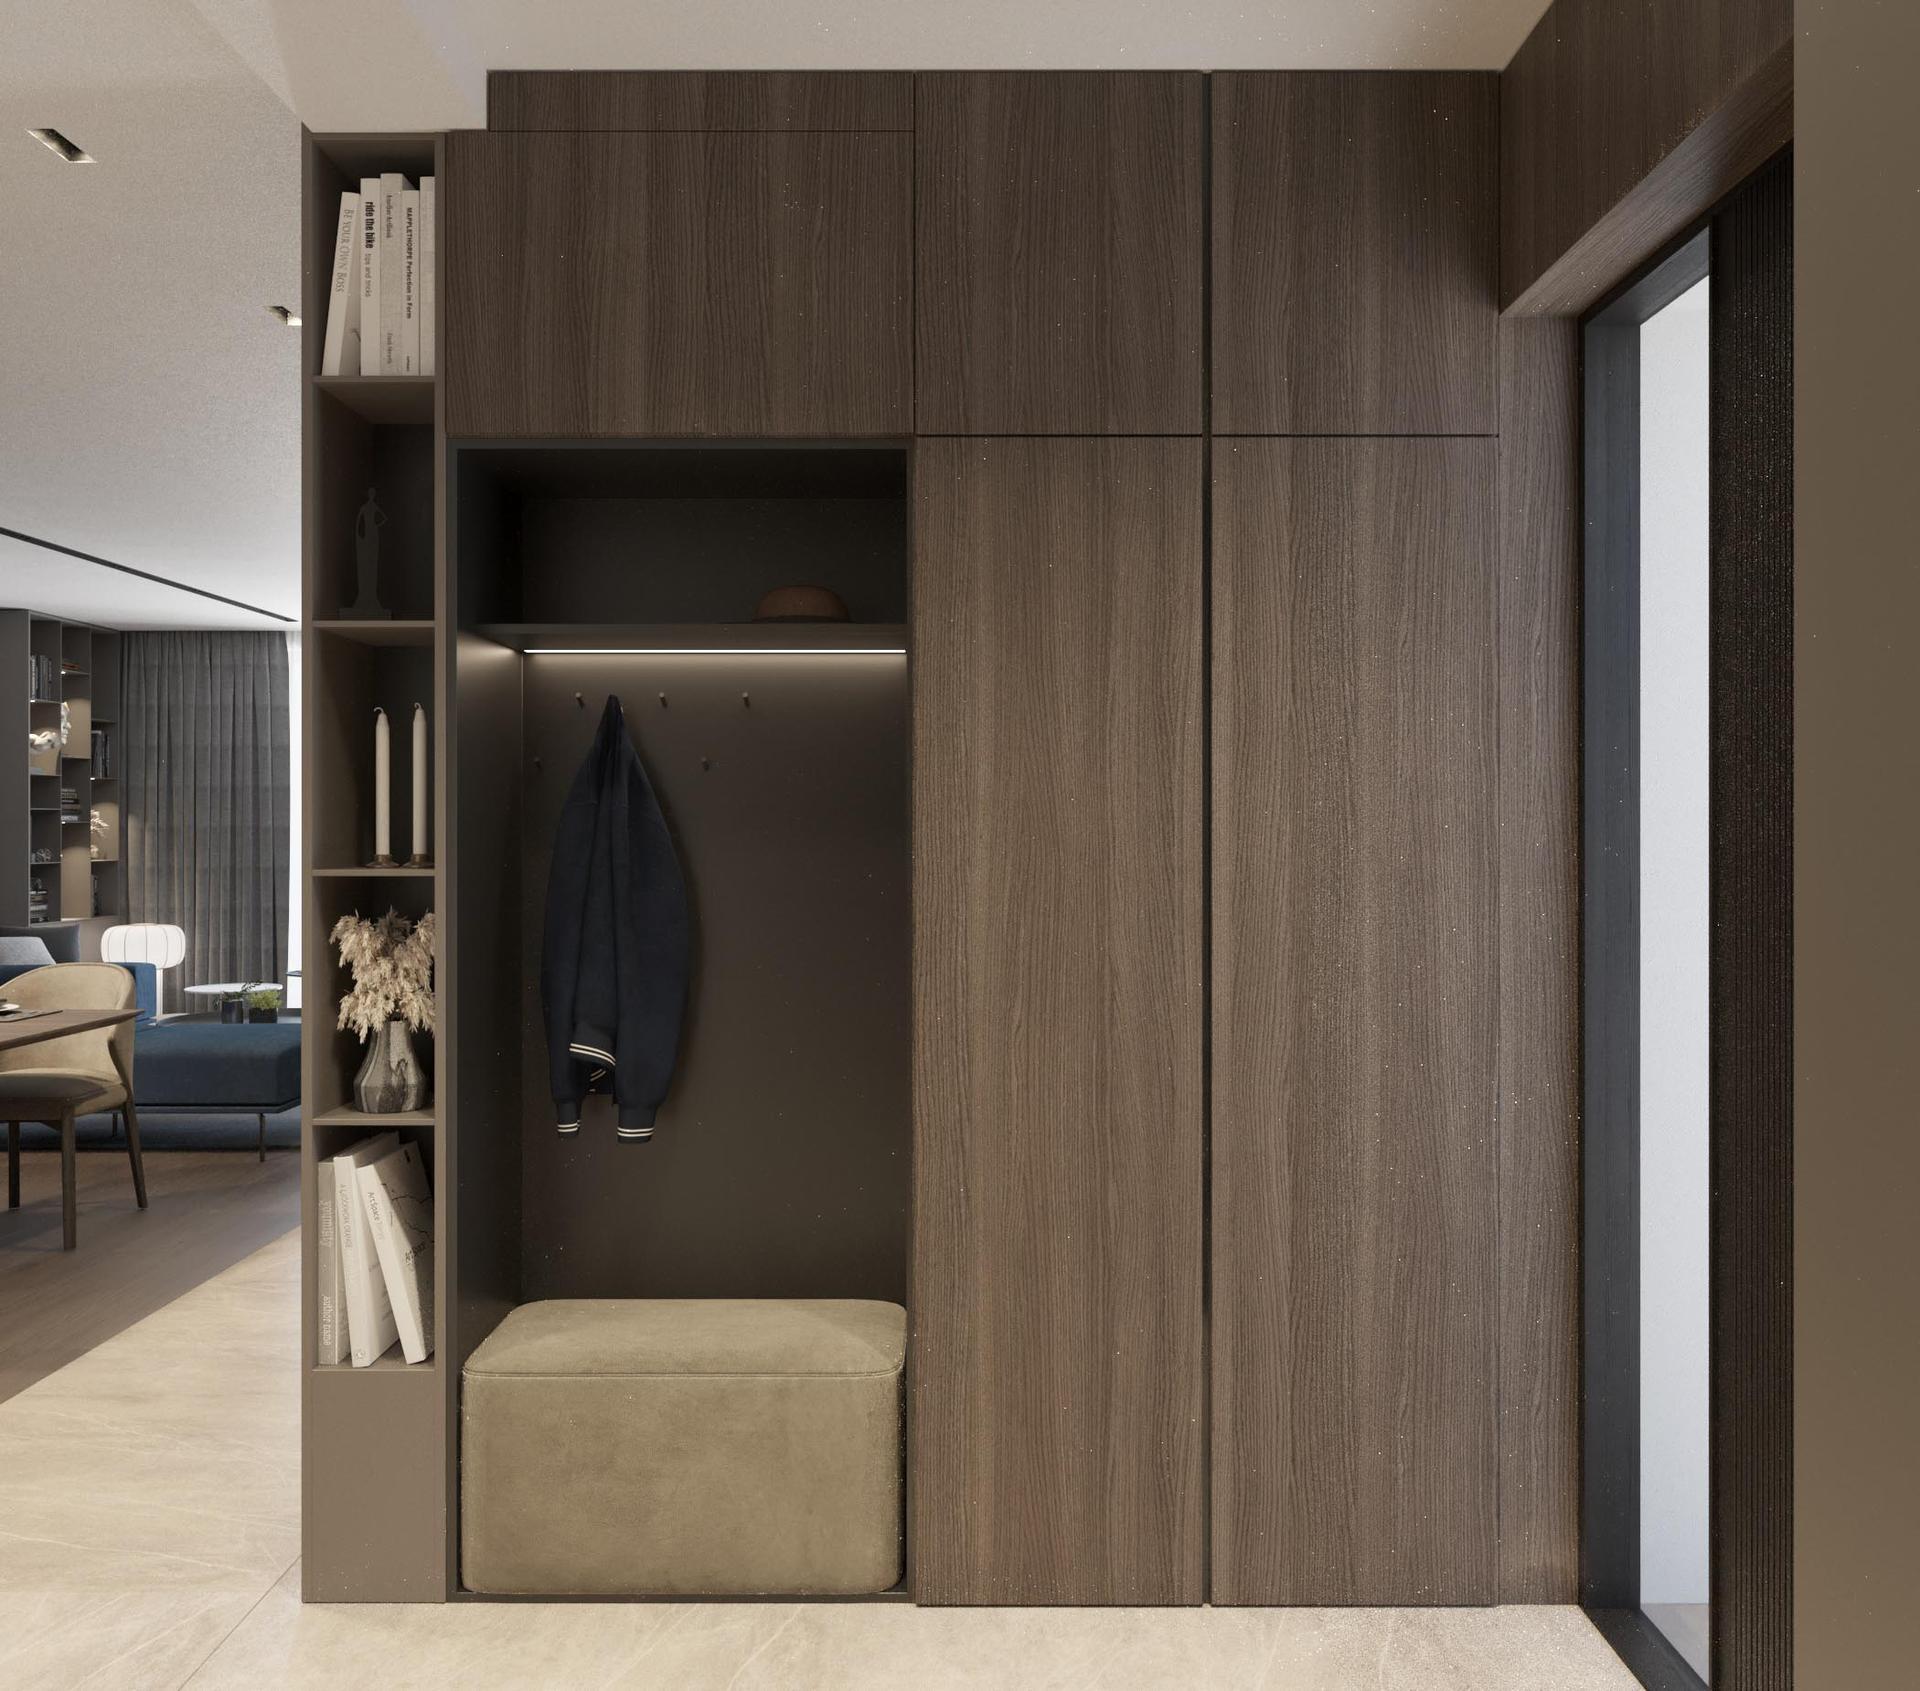 Návrh interiérového dizajnu :) - Obrázok č. 3